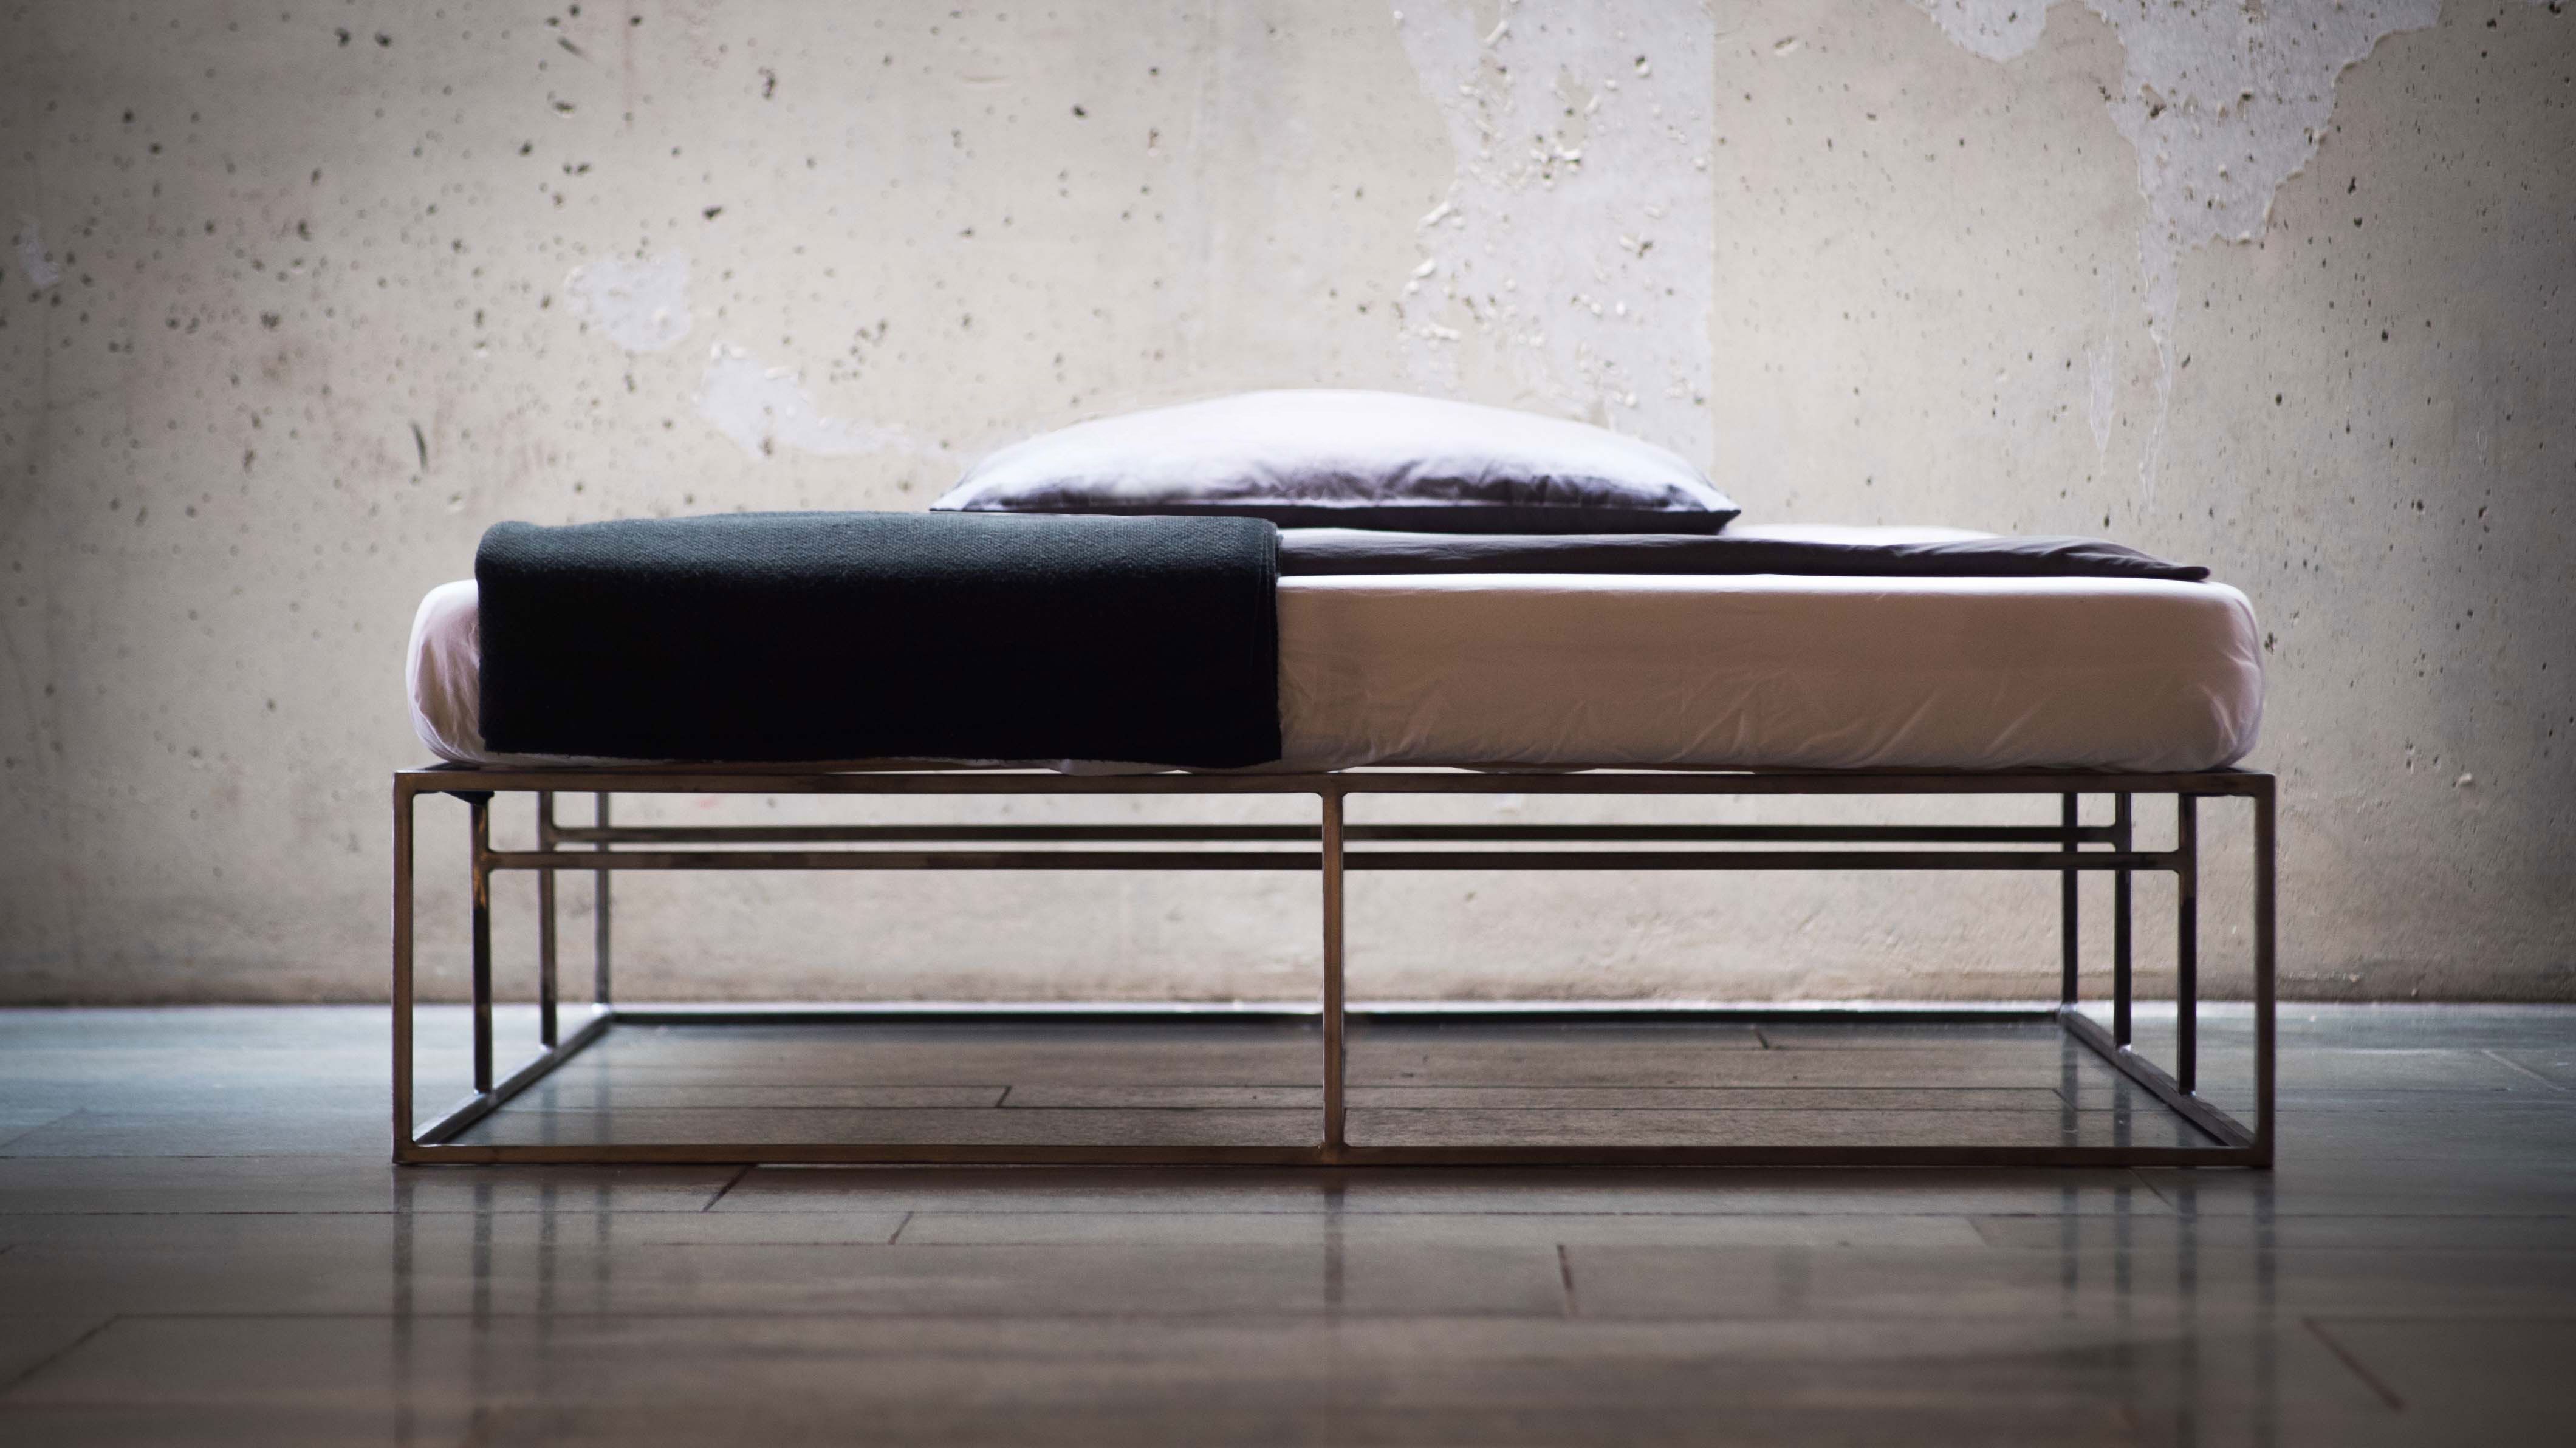 Design Berlin Stahlbett Steel Bed Metal Bed Industrial Design